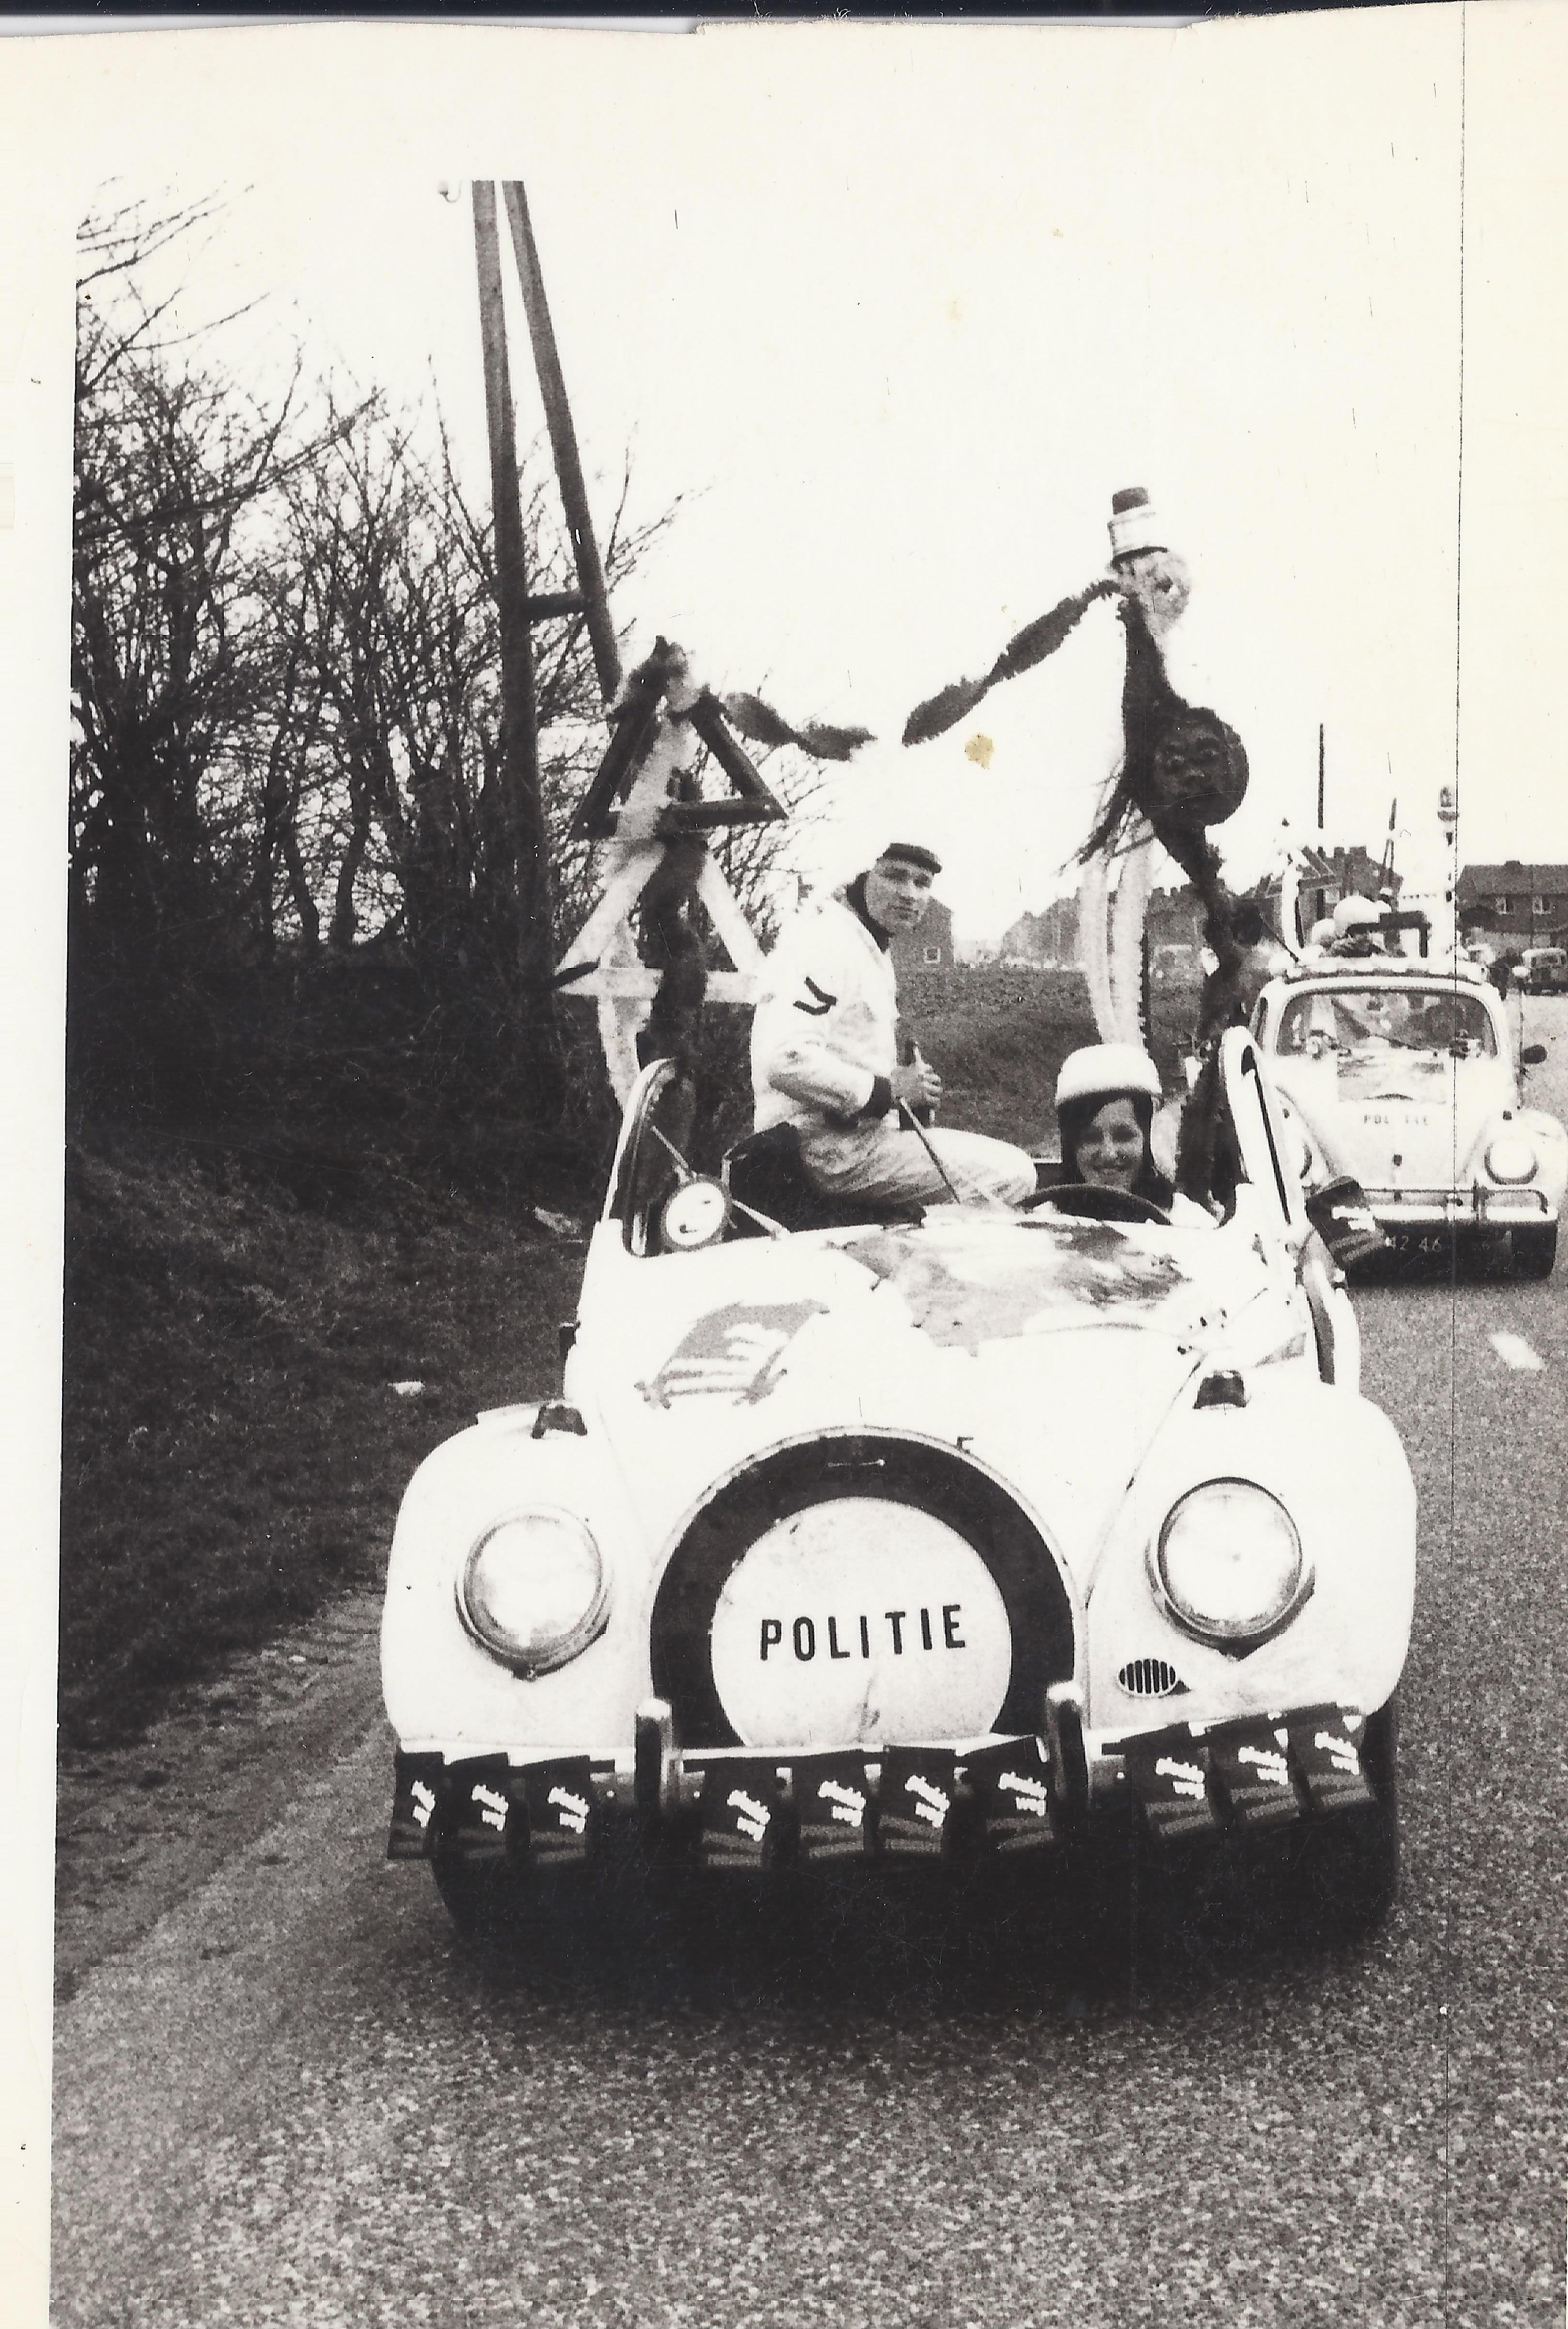 jo stevens carnaval 1970-1971 - 3